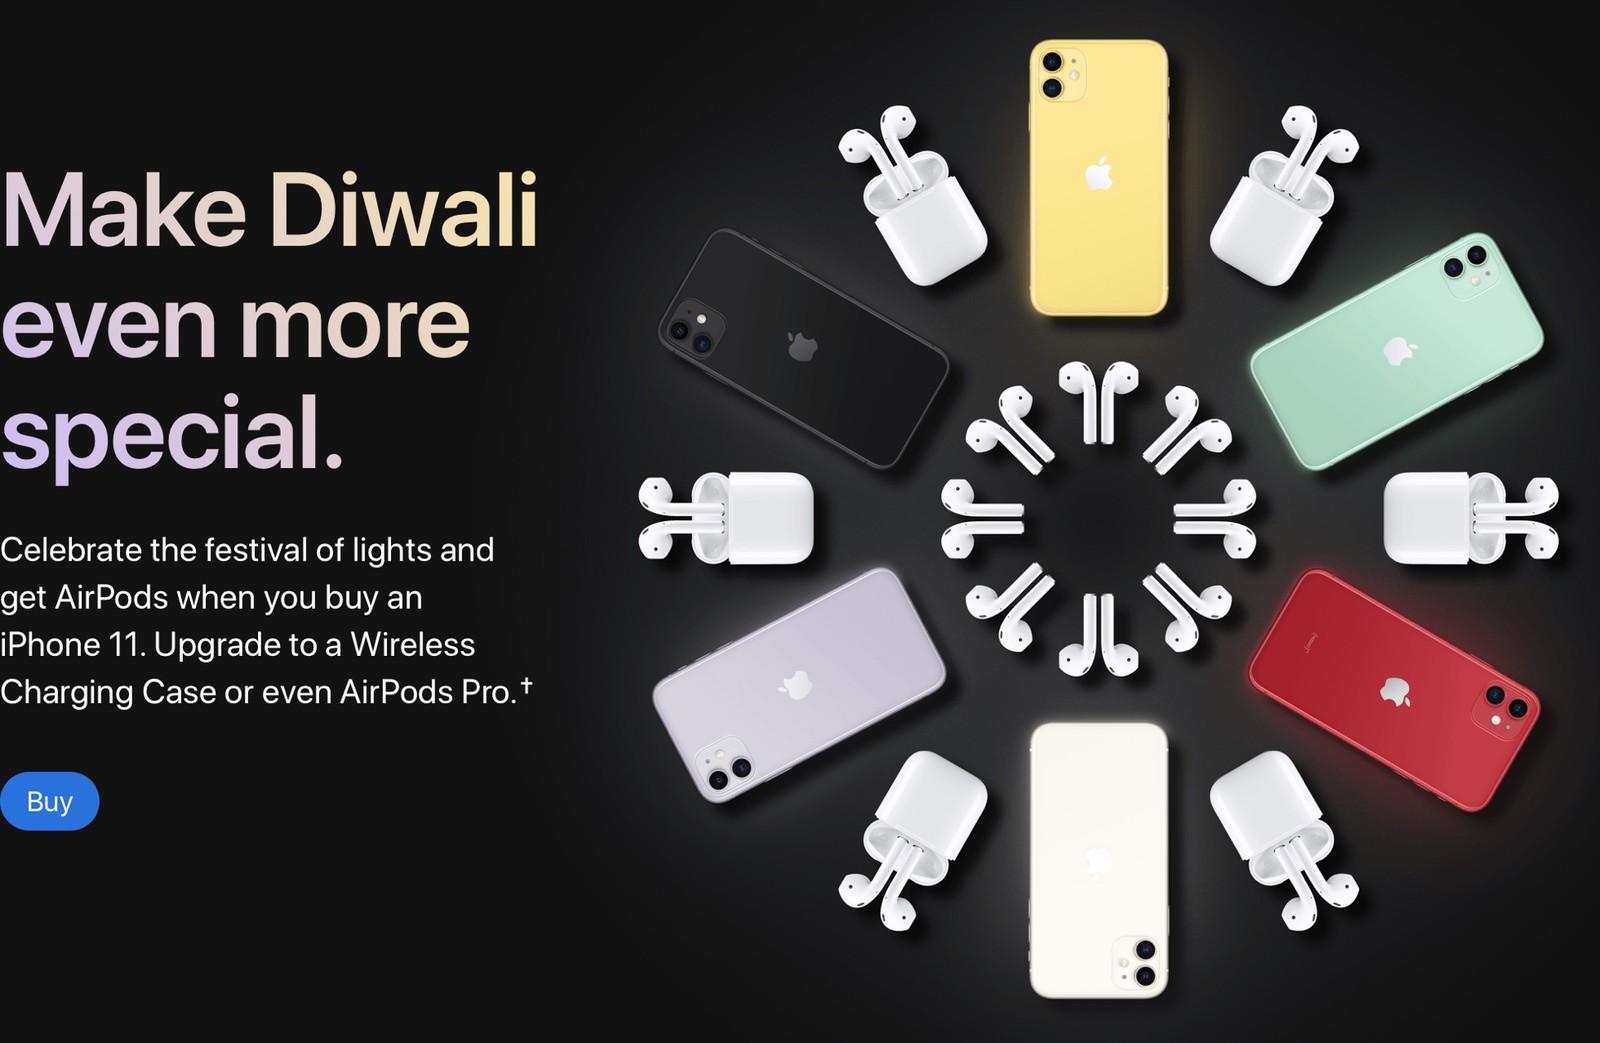 苹果印度排灯节促销:买任意iPhone 11即送AirPods